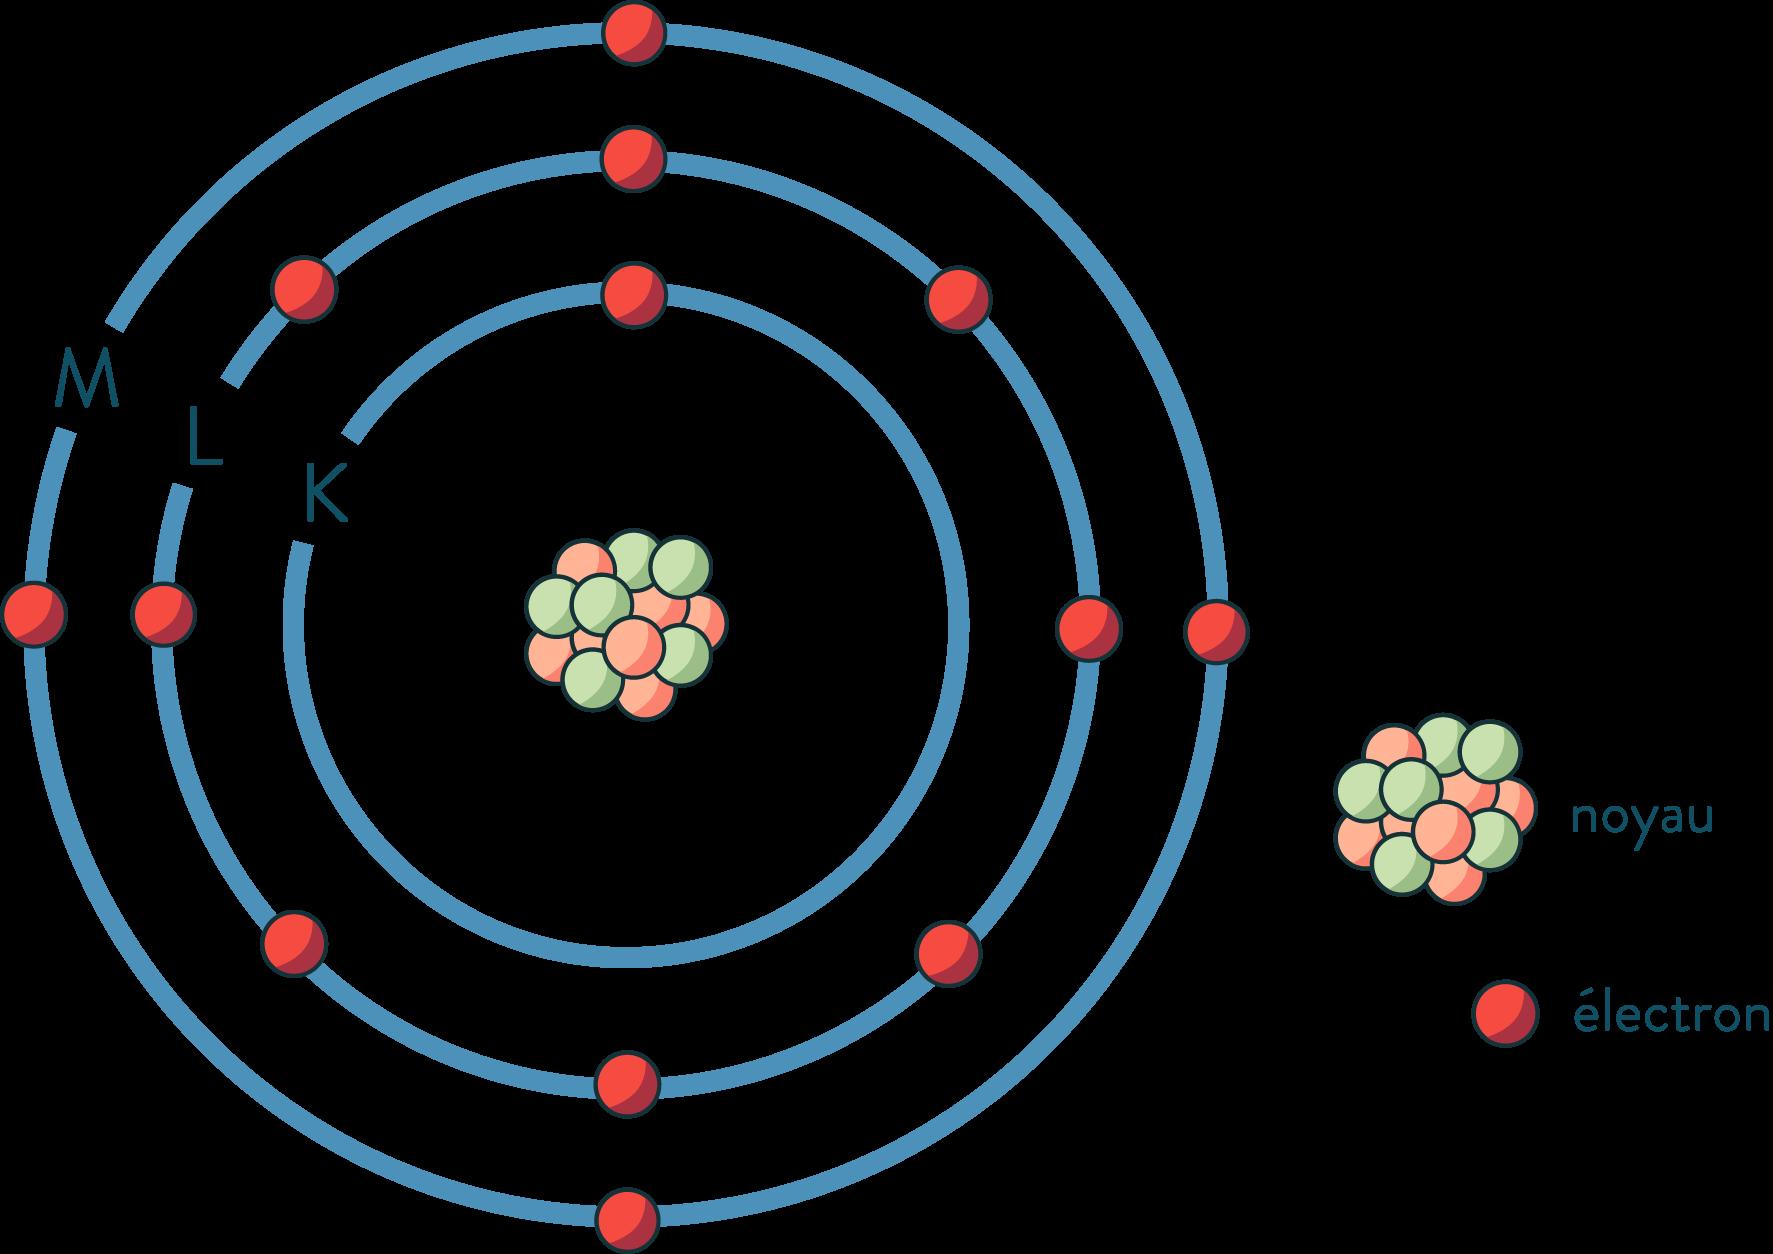 Les couches électroniques du silicium physique-chimie seconde